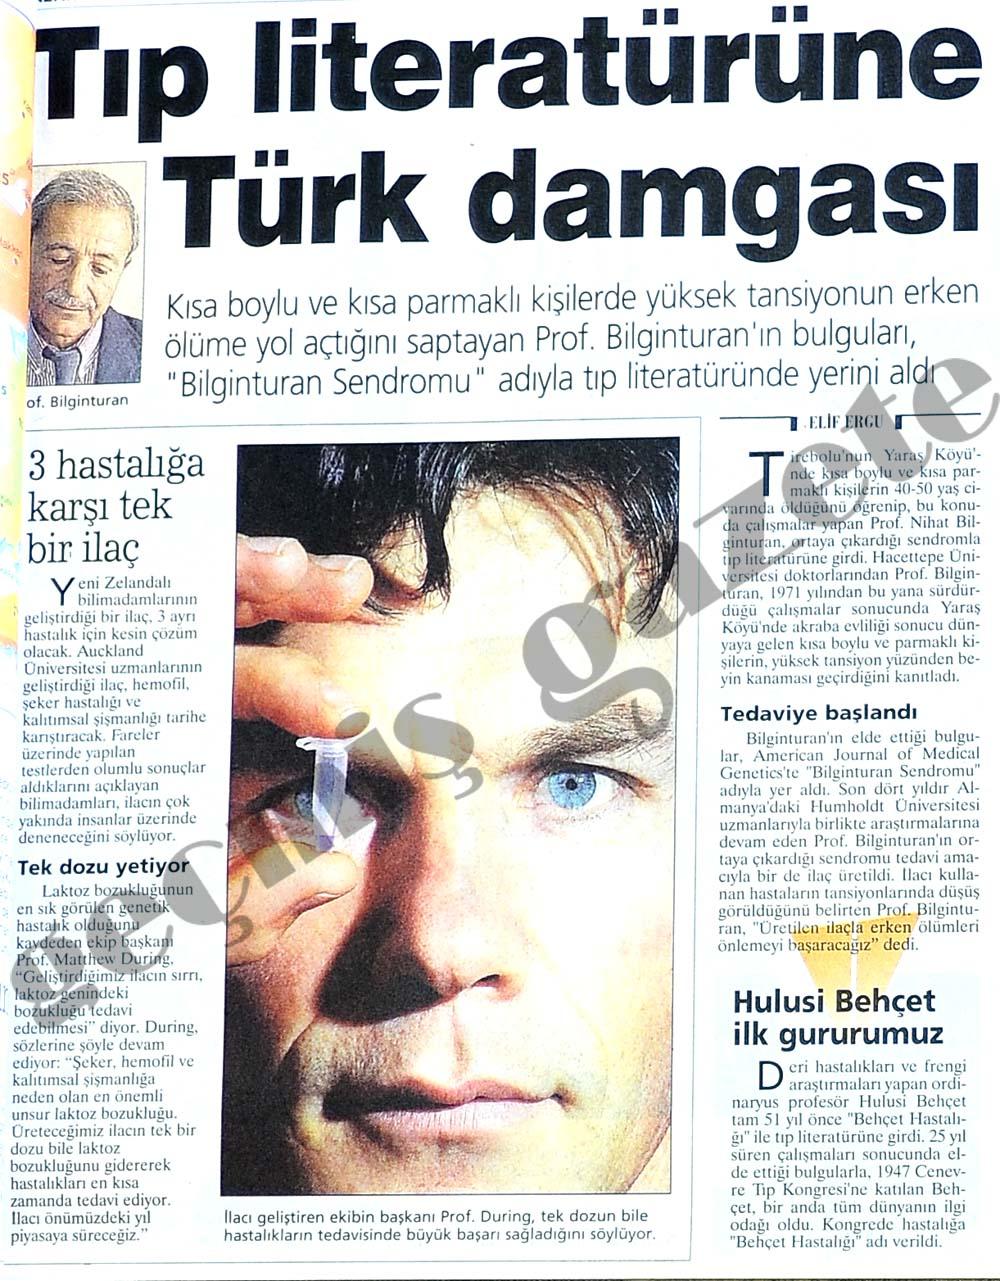 Tıp literatürüne Türk damgası